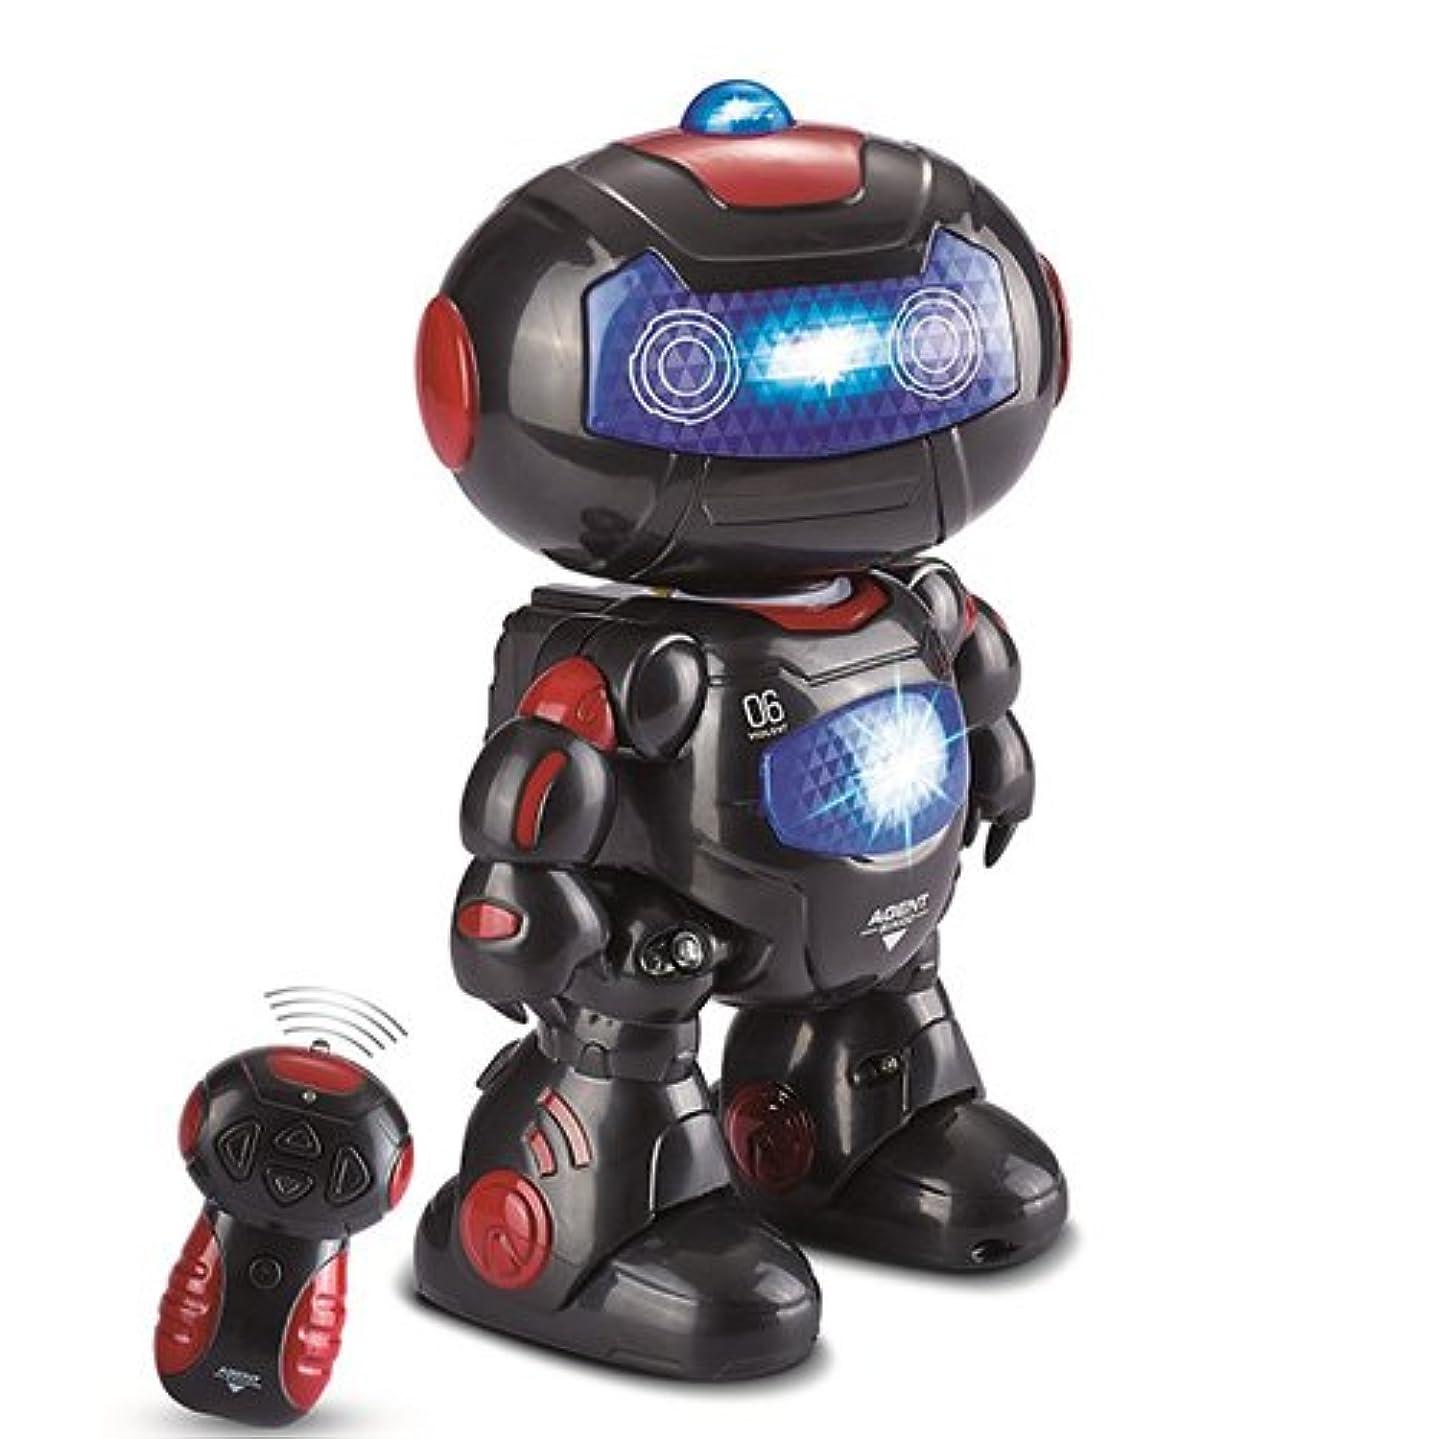 ジャベスウィルソン実施するむしゃむしゃAlmencla DCギアモータ スマートカー ロボット用タイヤ 1/48スケール イエロー 6セット